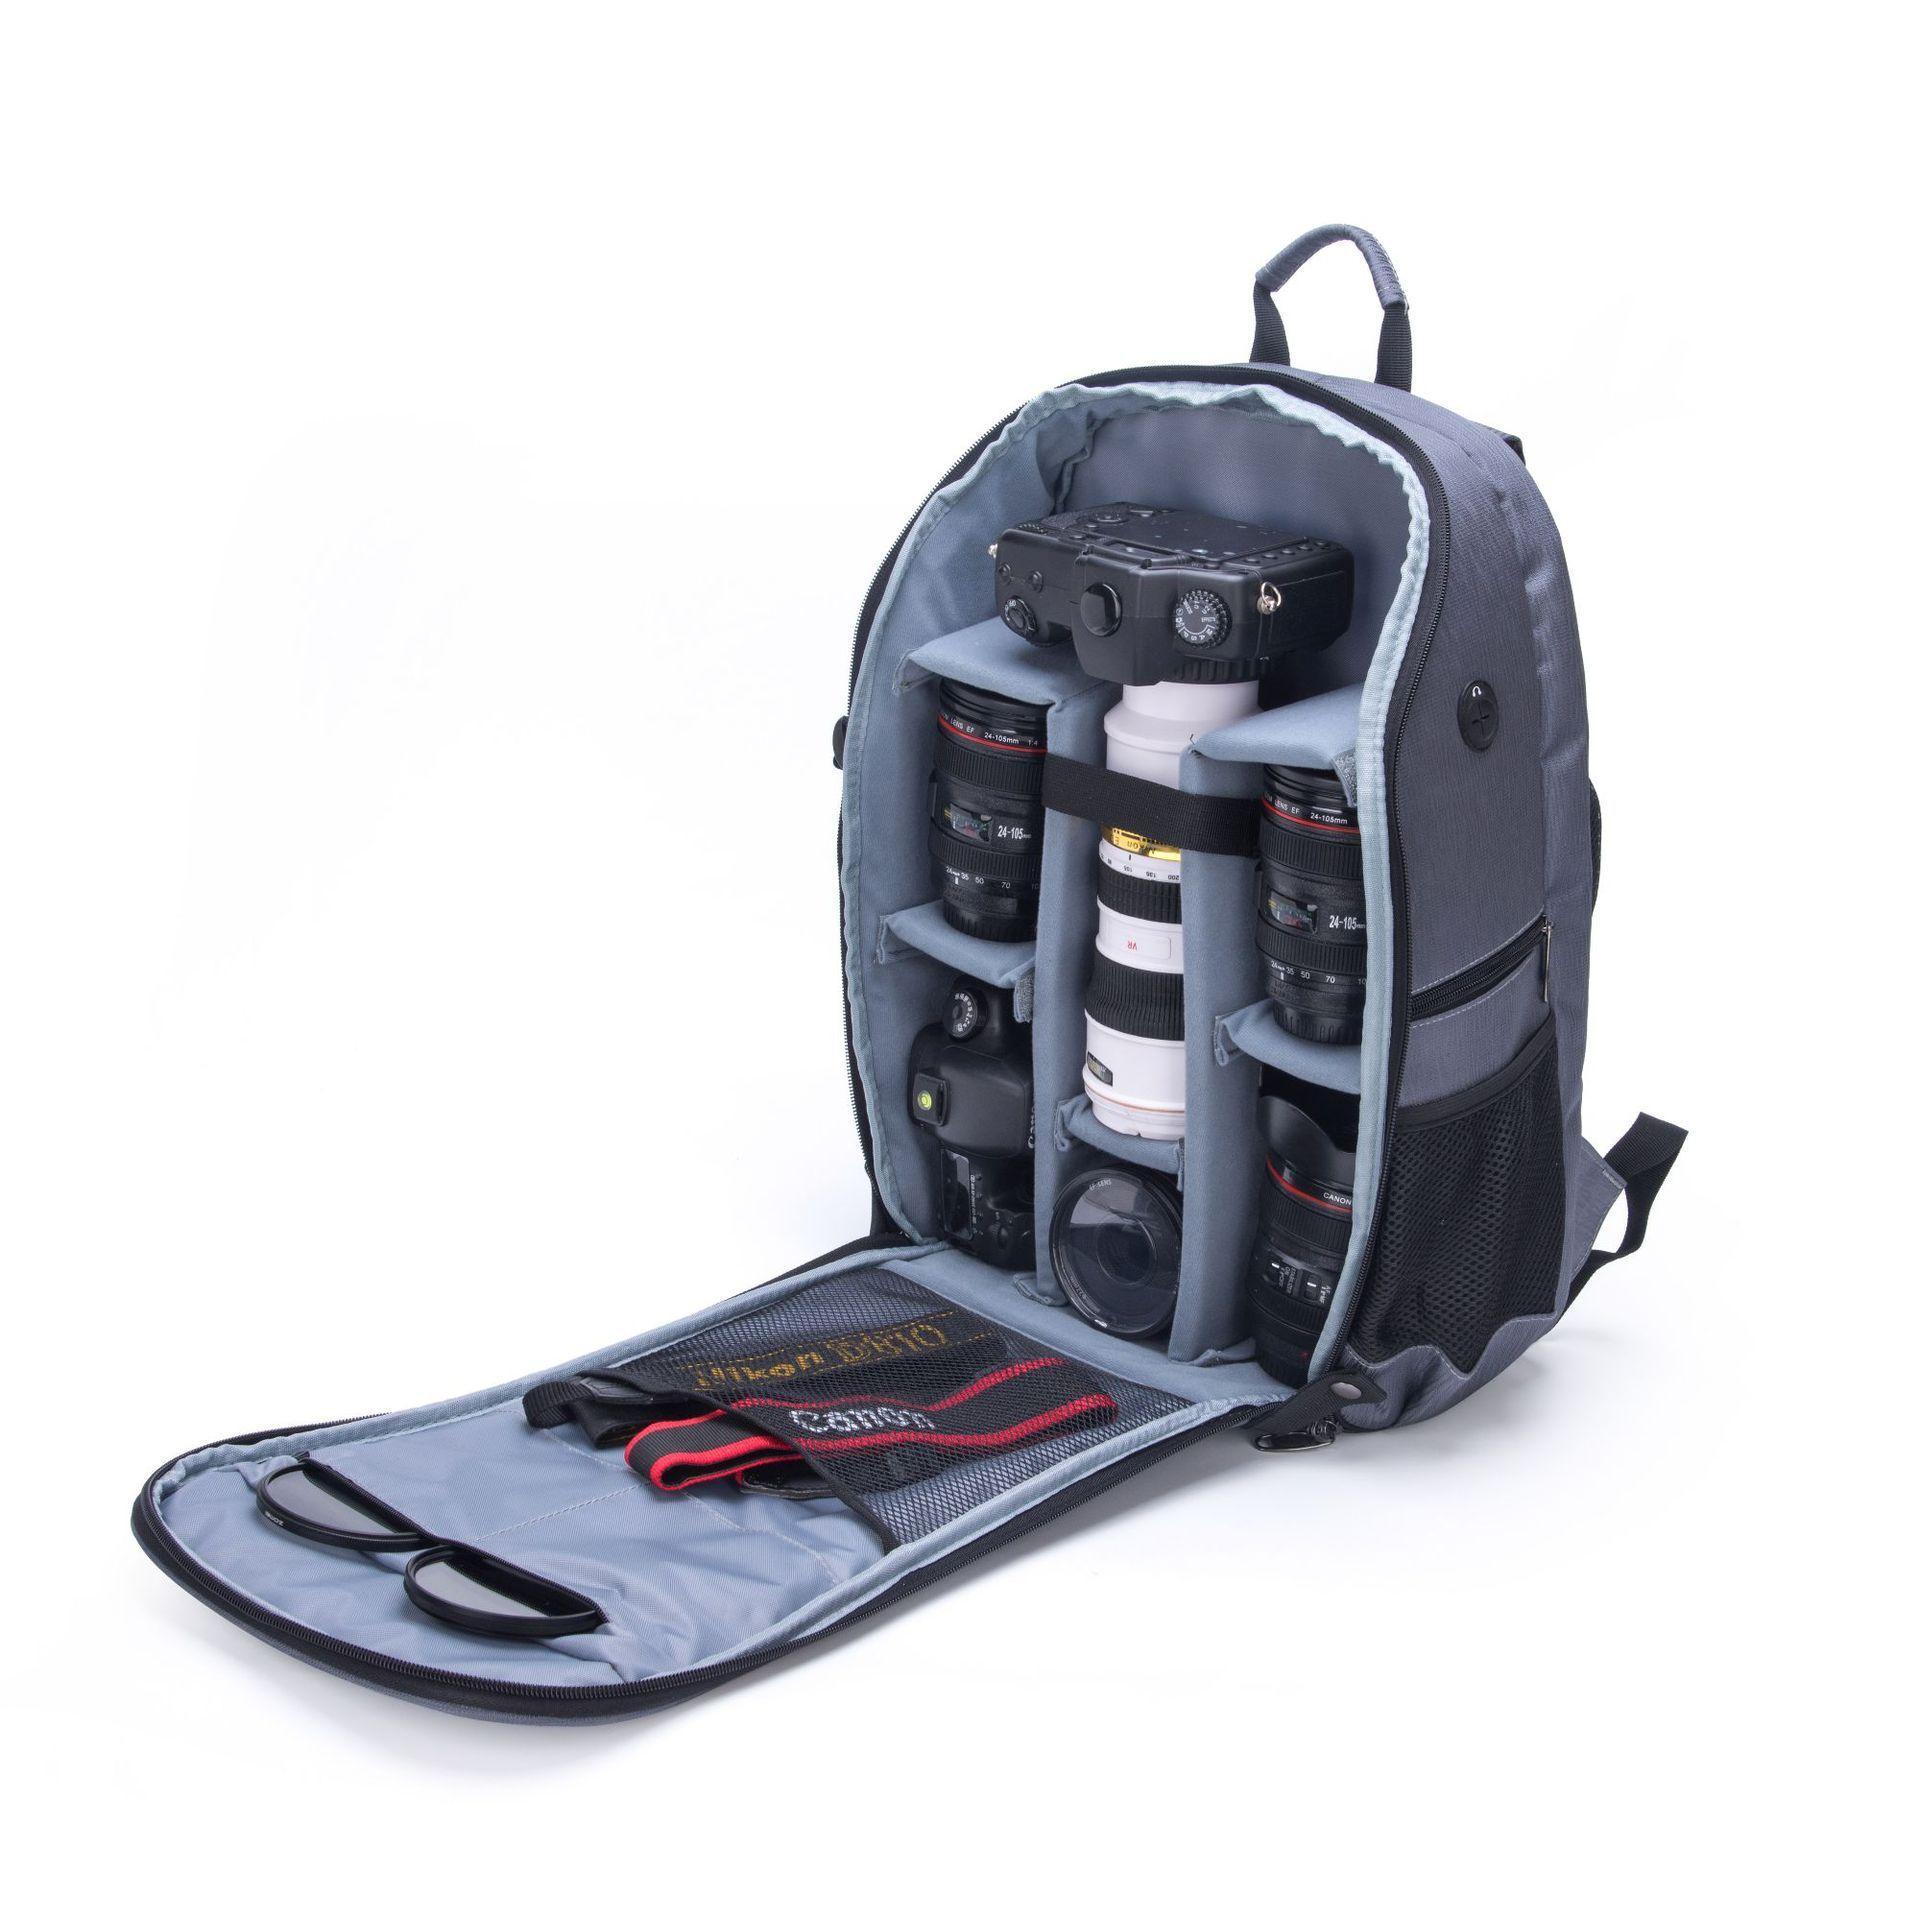 摄影电脑包时尚防水防盗背包双肩新款相机折叠户外数码。